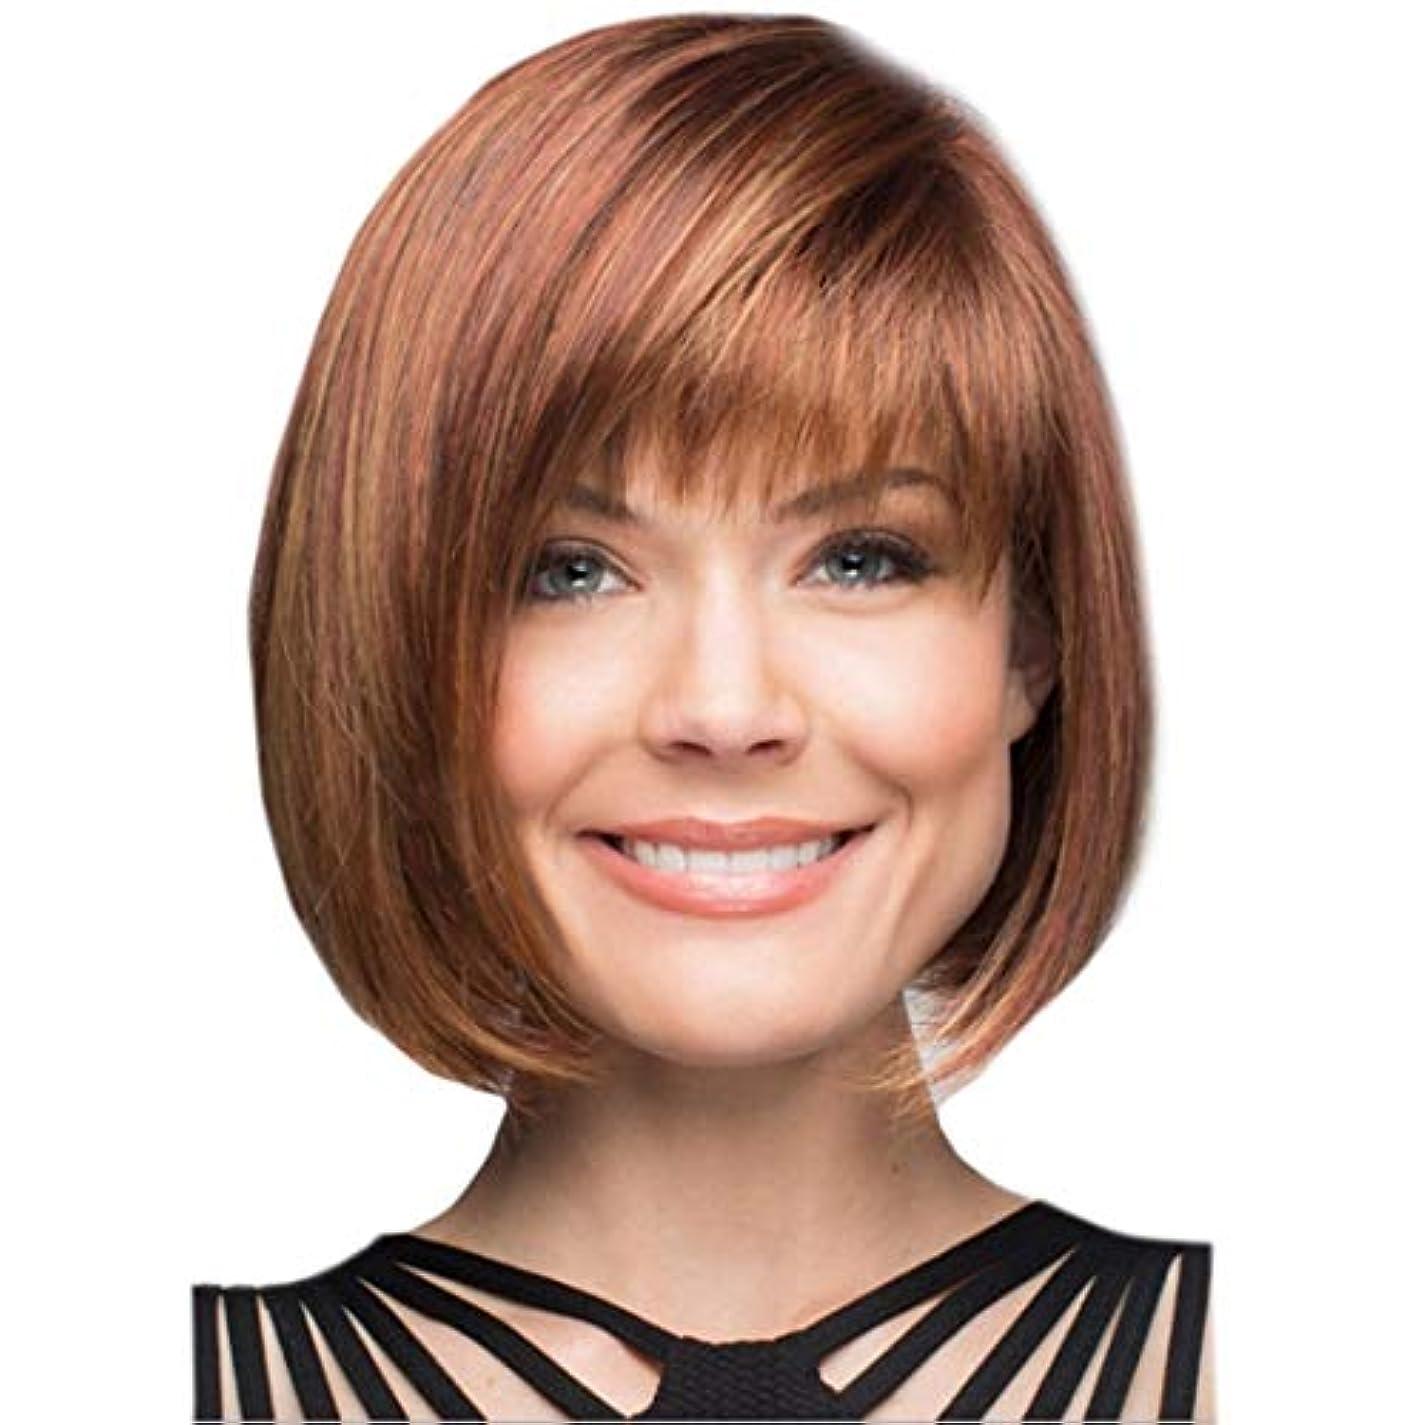 枕辛な高音Kerwinner 女性のための茶色の短いストレートヘアスプリットボボヘッドウィッグ化学繊維ウィッグヘッドギア